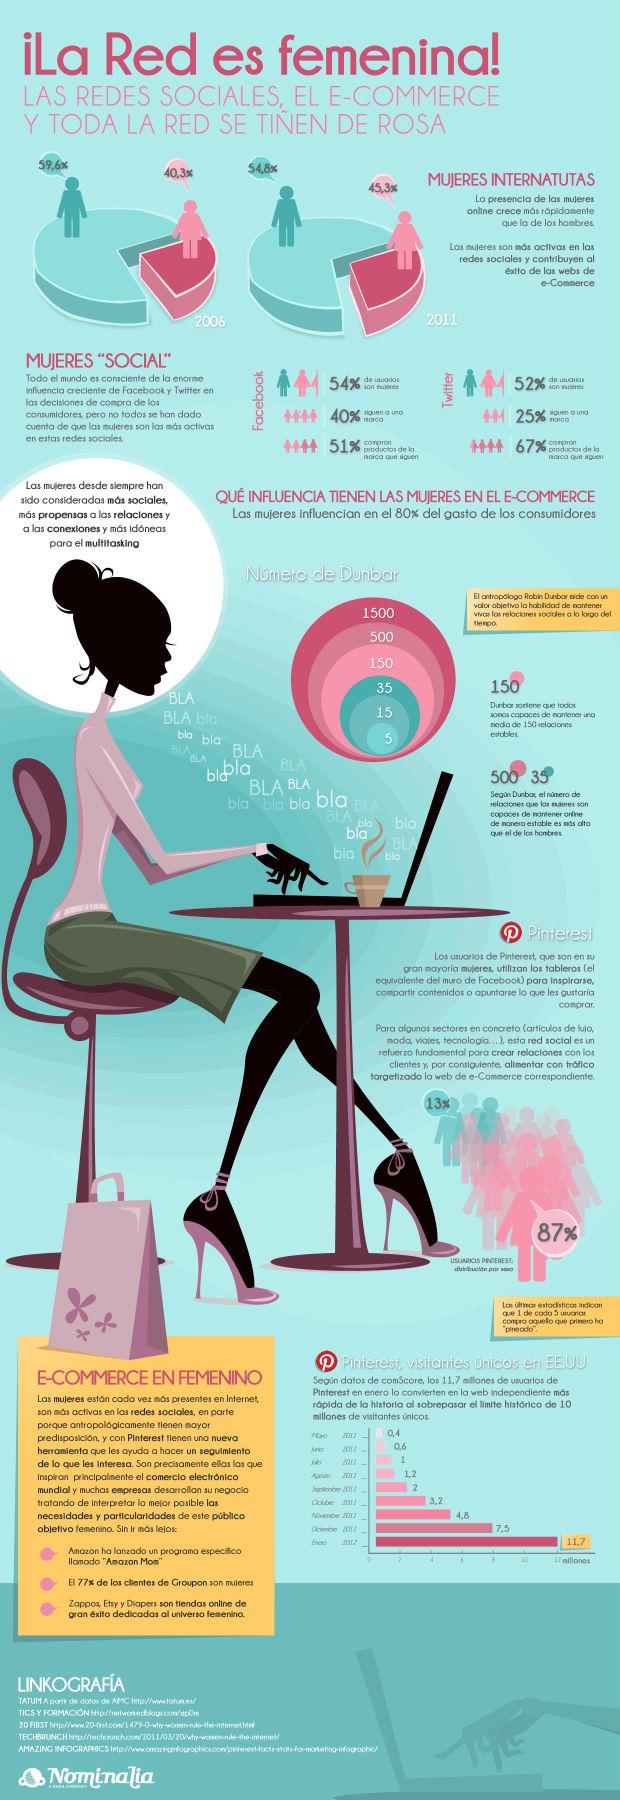 Según un estudio, aumenta el porcentaje de mujeres que acceden a la red